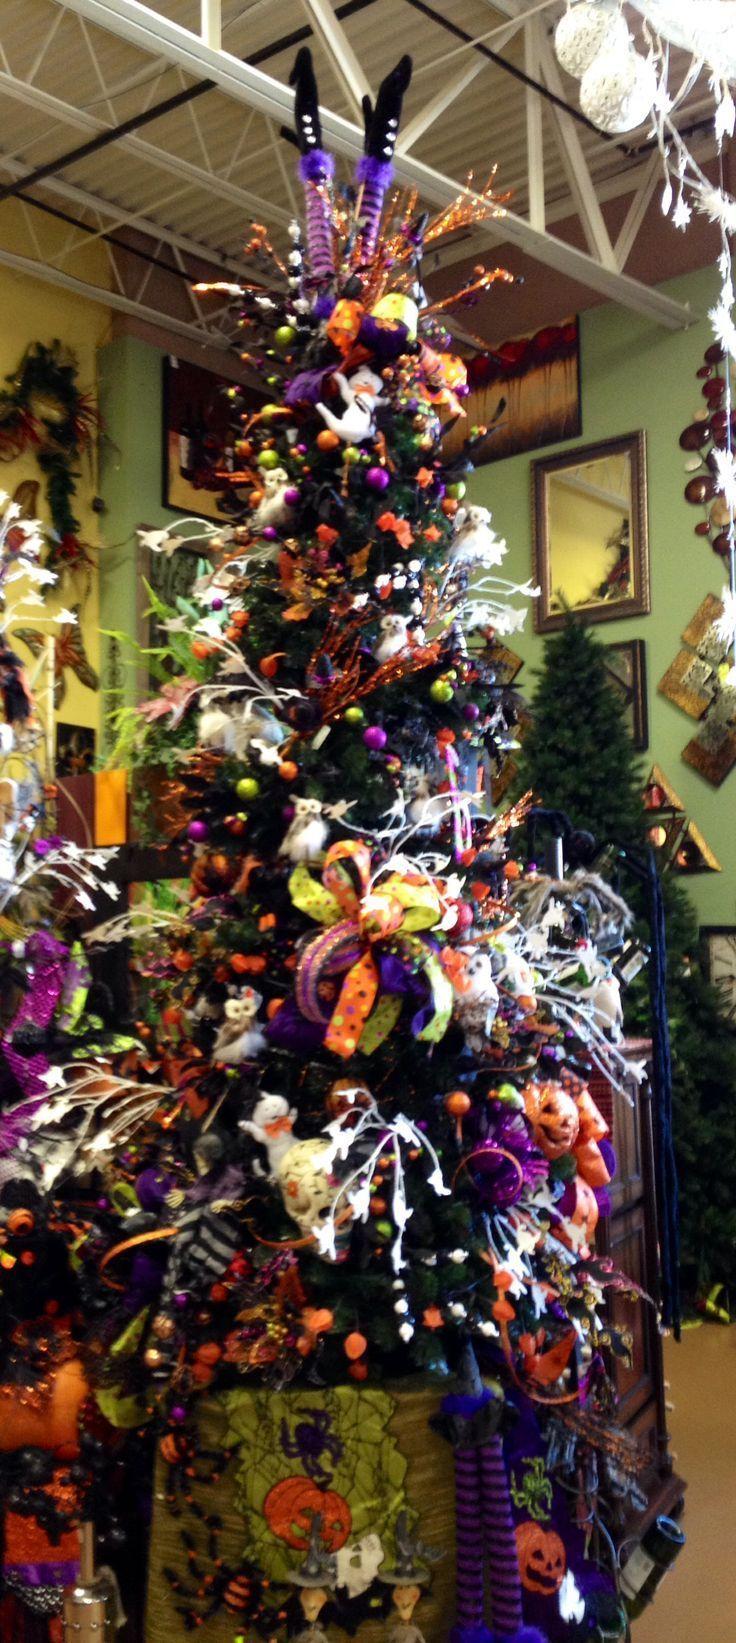 Halloween tree decoration ideas Halloween Christmas trees - halloween tree decoration